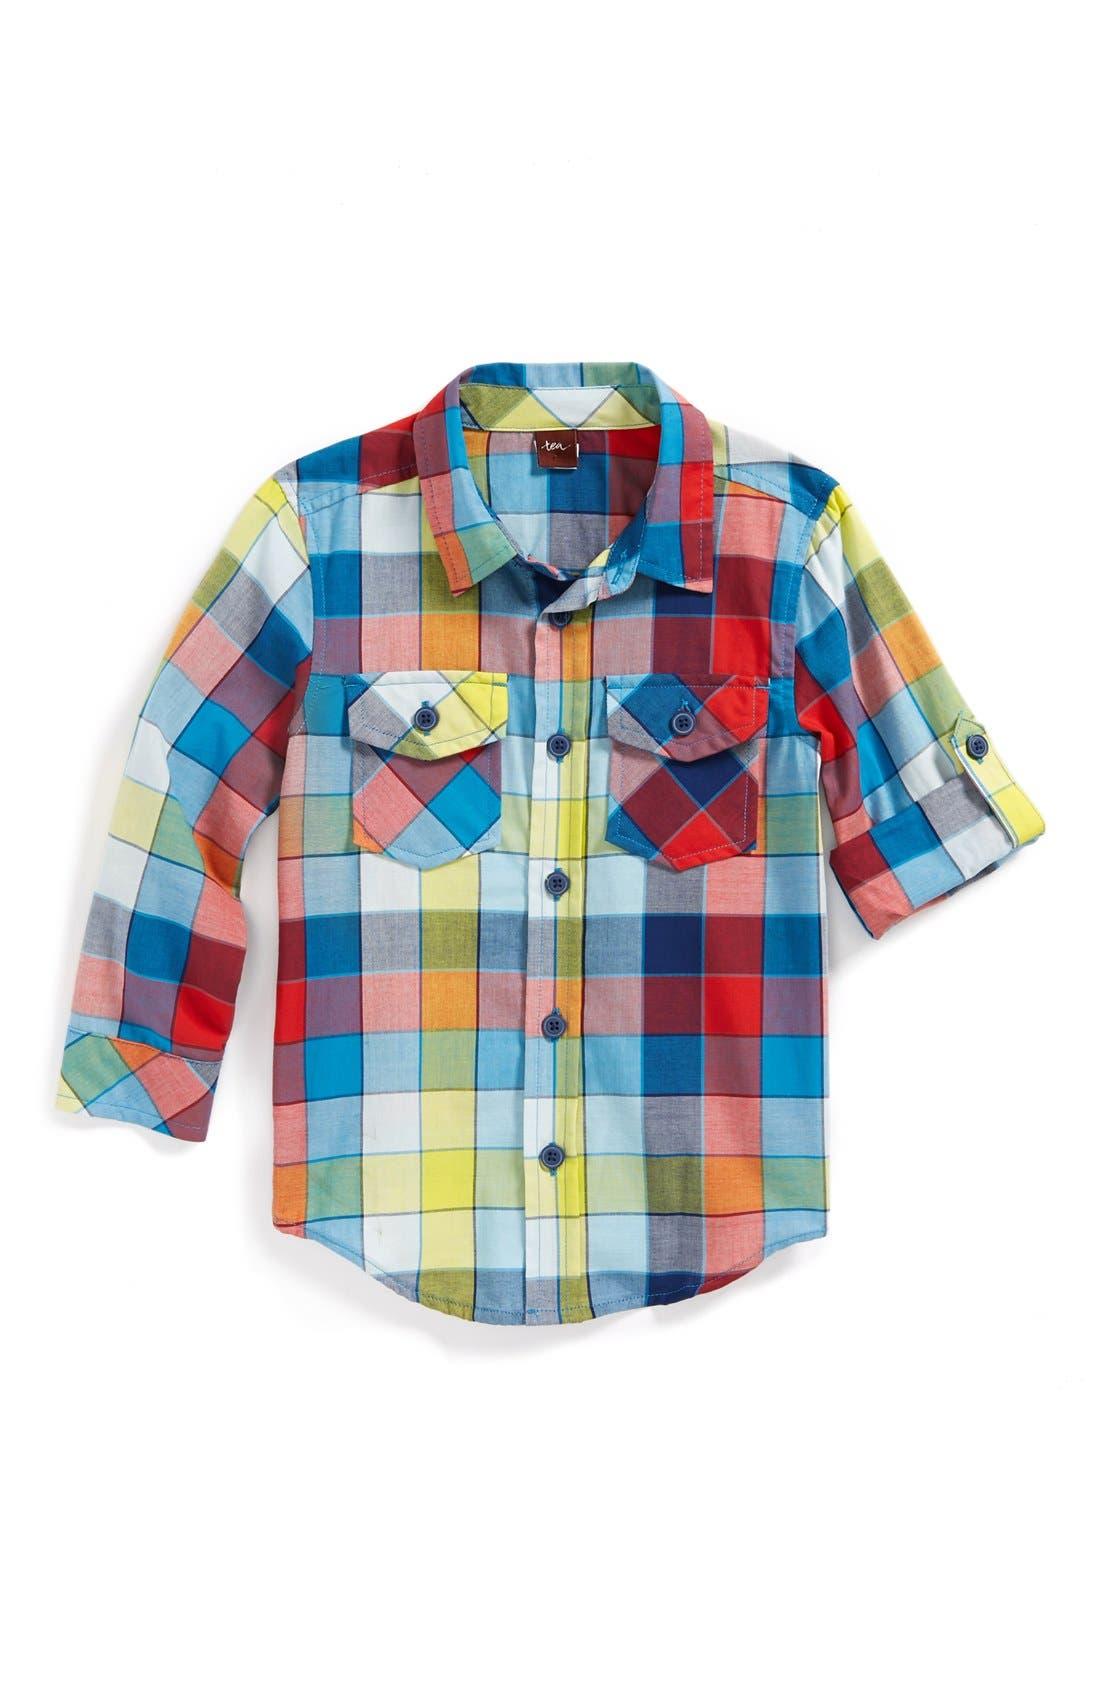 Alternate Image 1 Selected - Tea Collection 'Medina' Plaid Shirt (Toddler Boys)